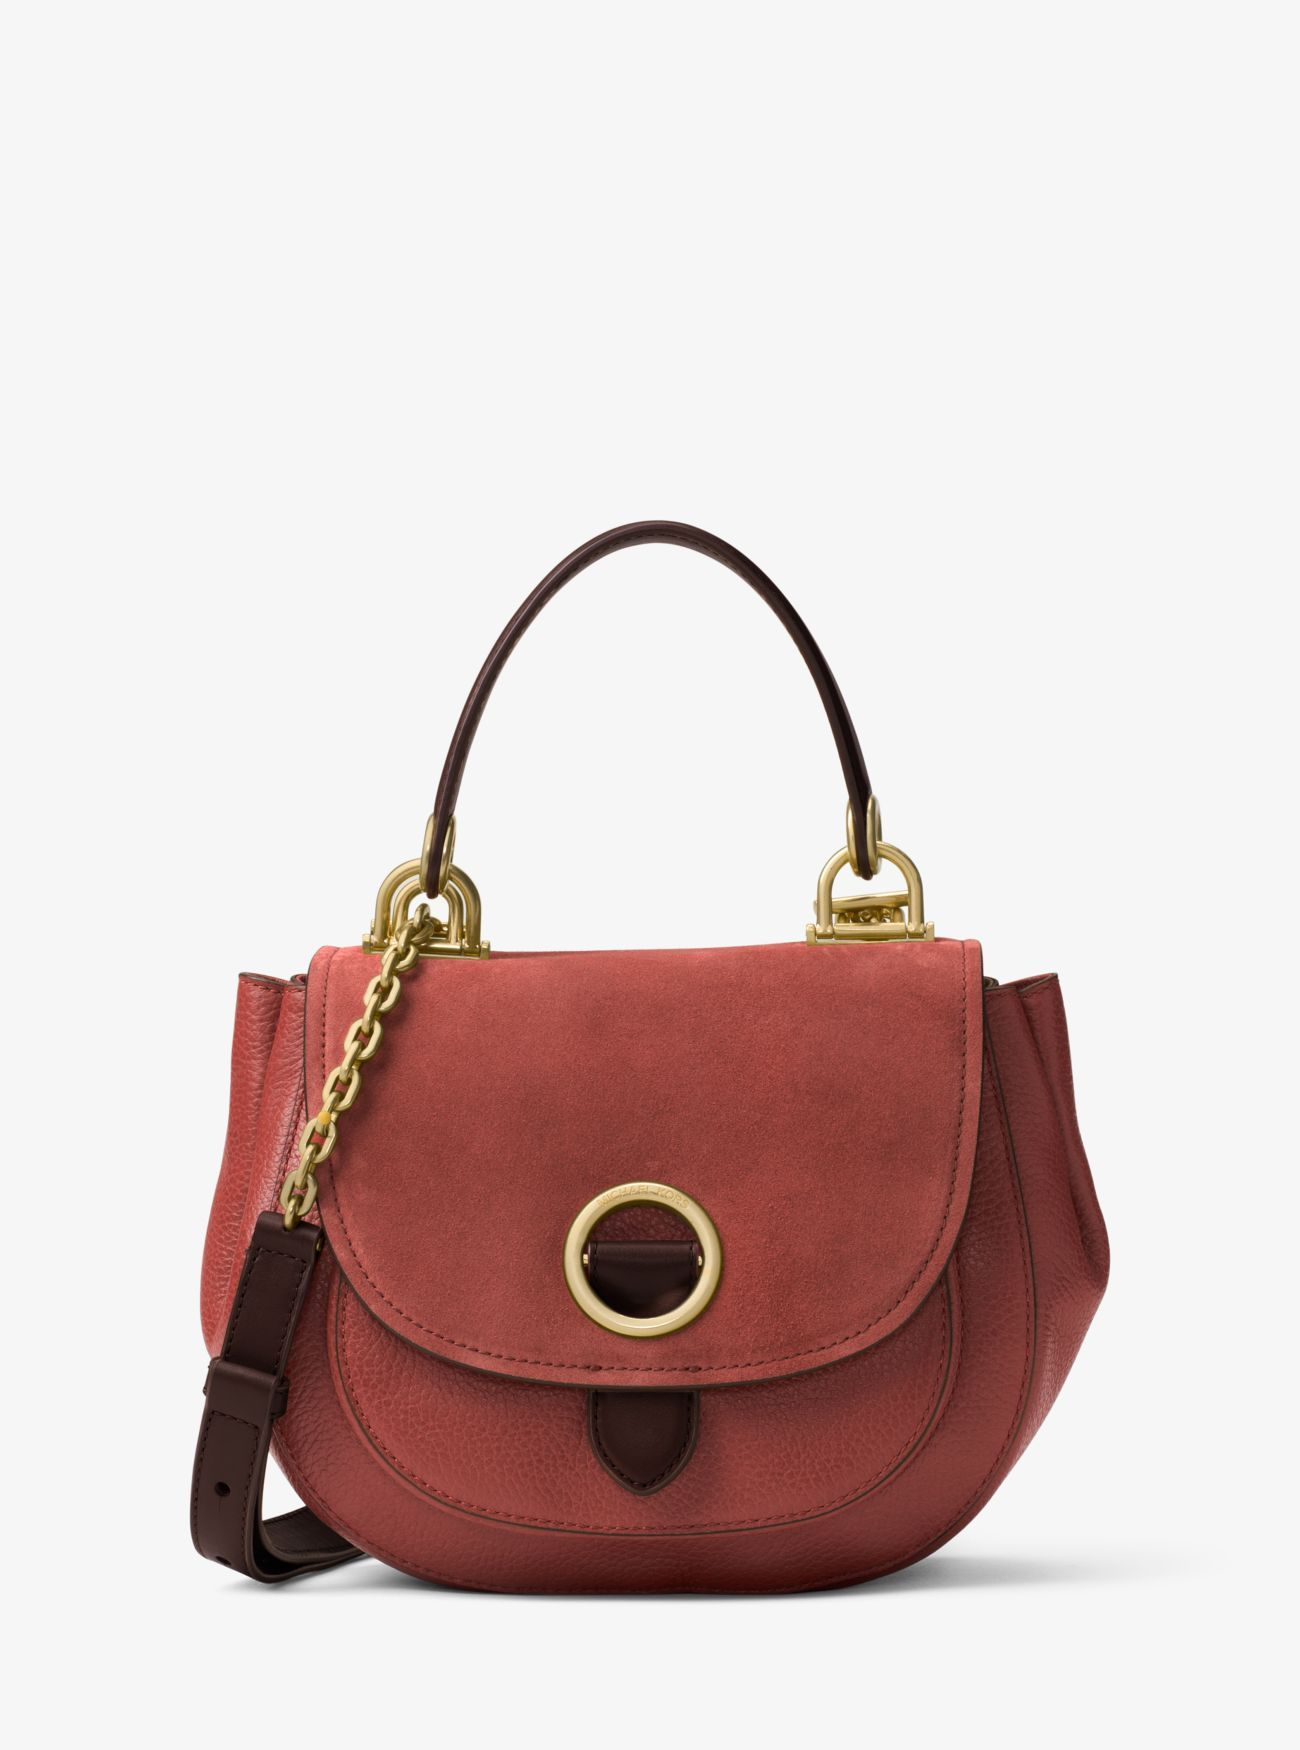 998f98e957df 30F6AIXM2S-1347_1 (1300×1750) Micheal Kors Bags, Handbags Michael Kors,